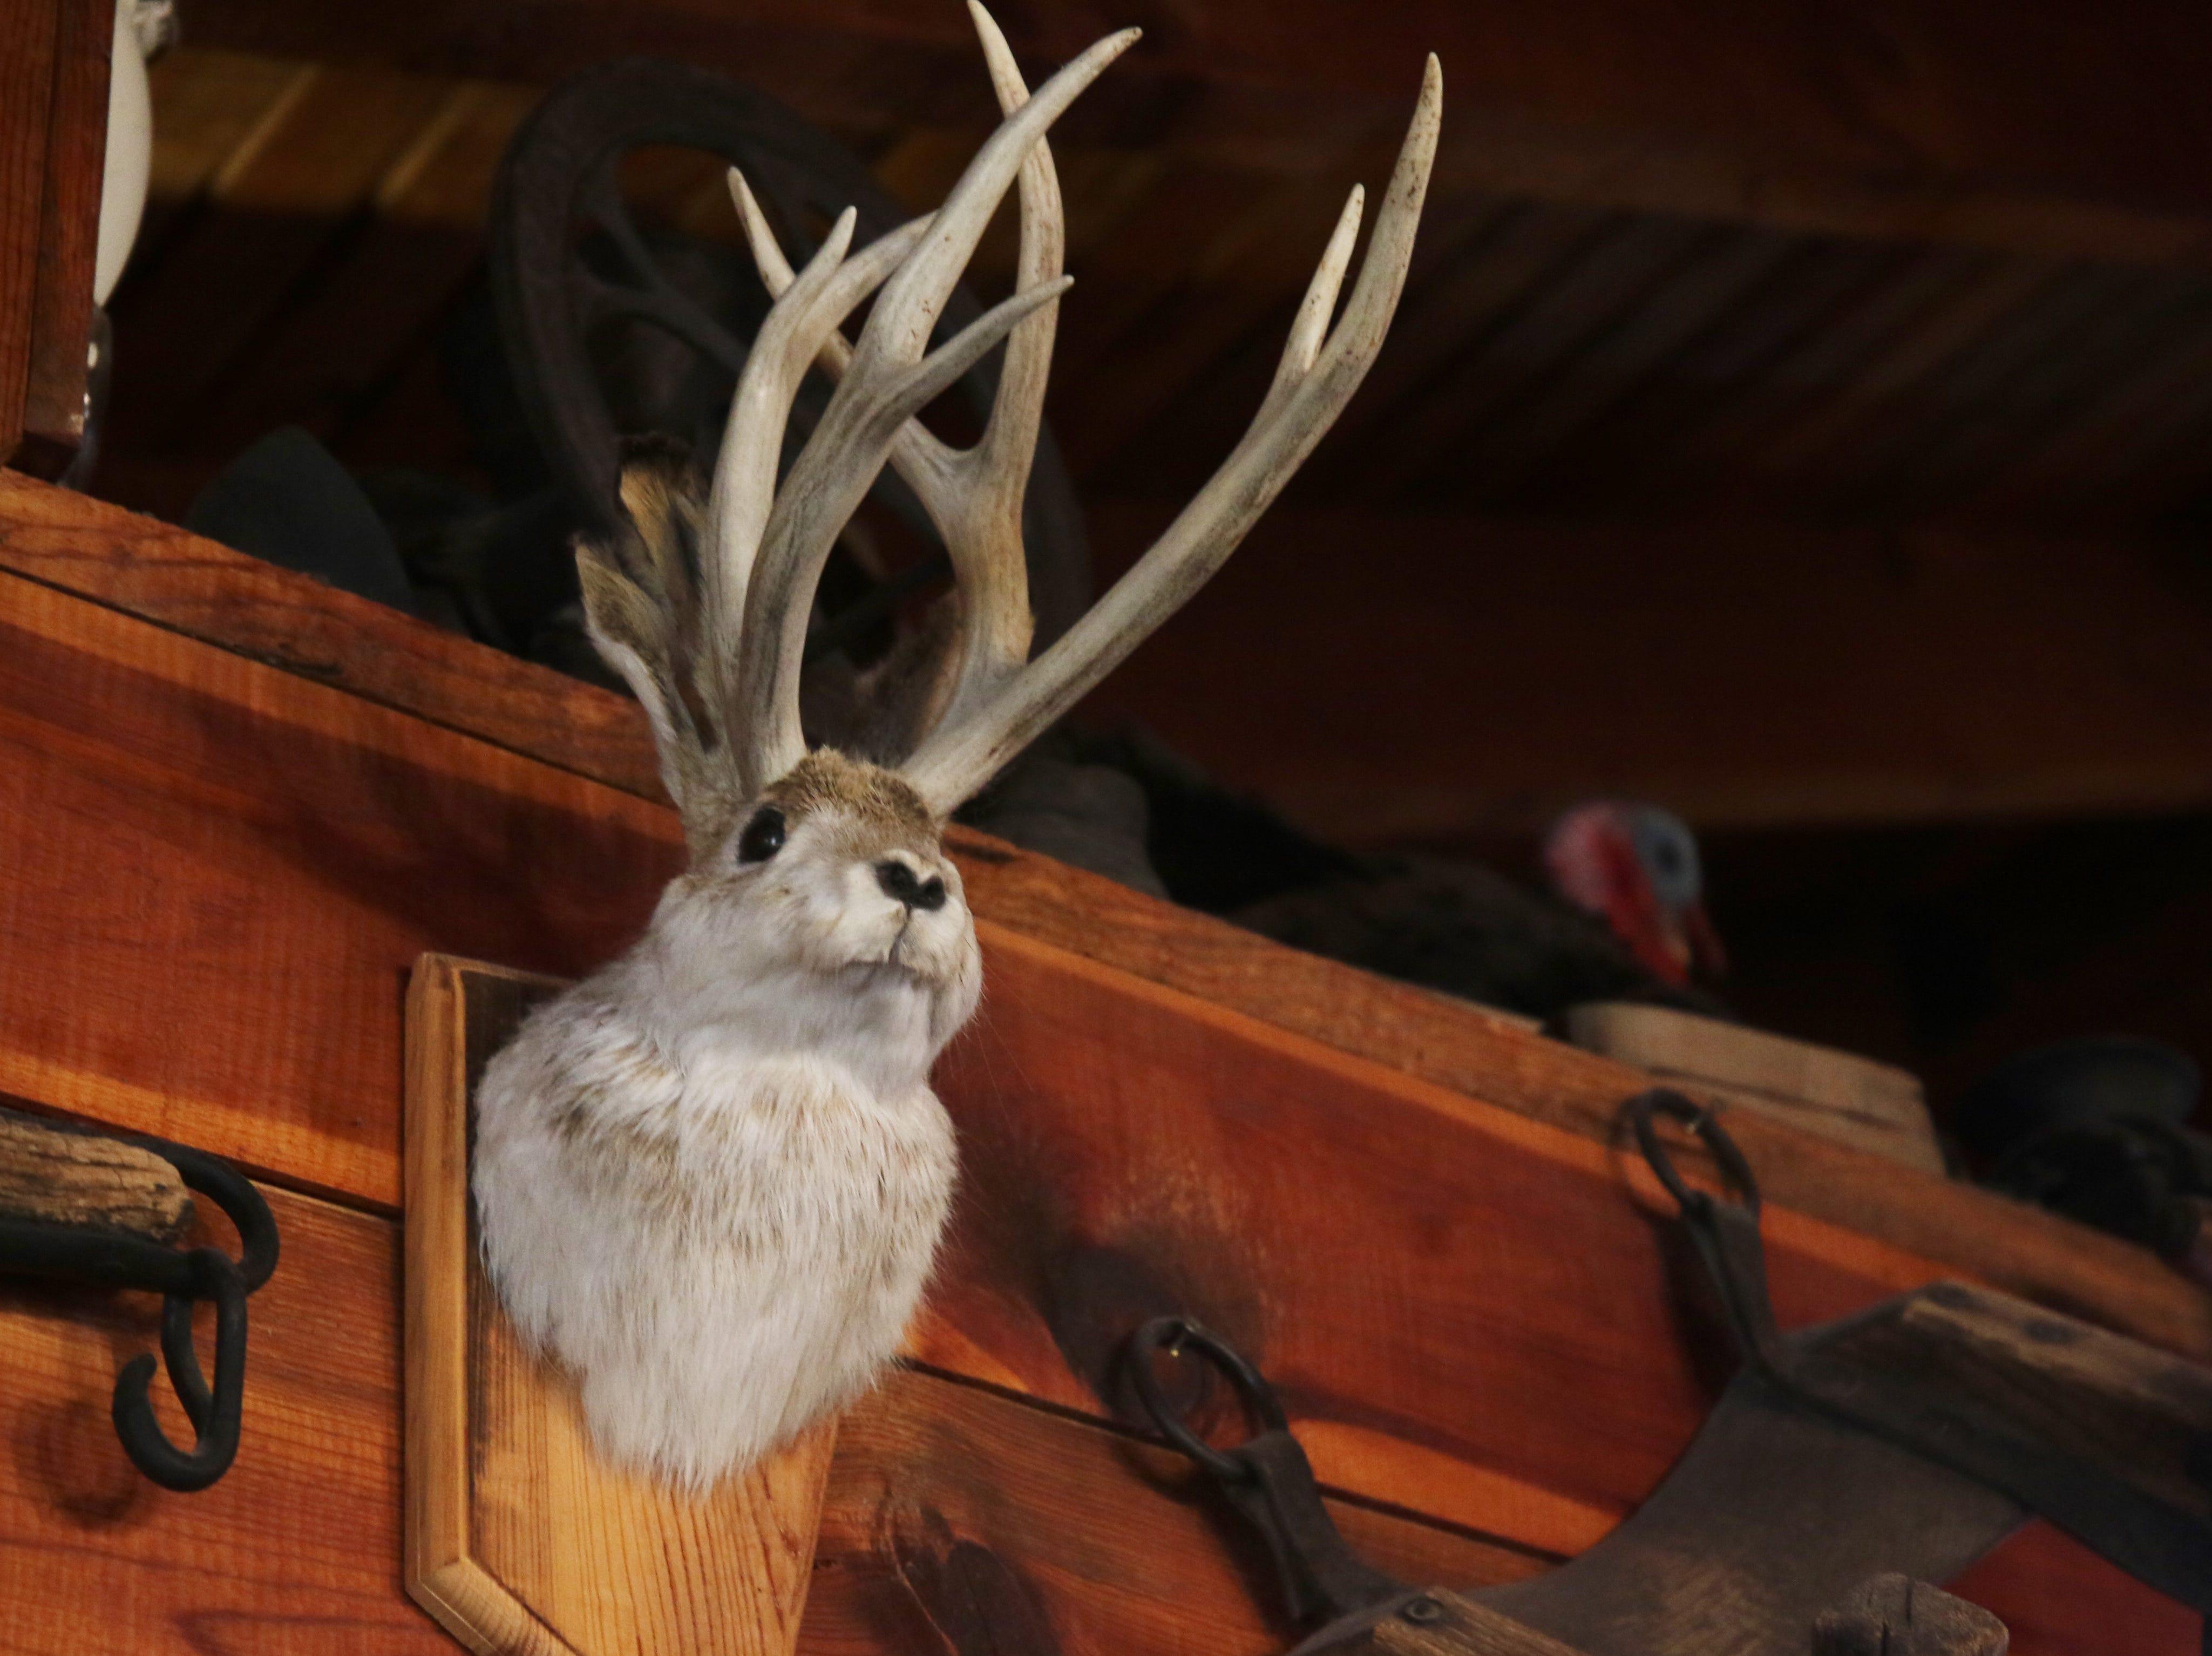 A jackalope bust adorns the wall, Feb. 23 at Red Chimney Bar-B-Q.